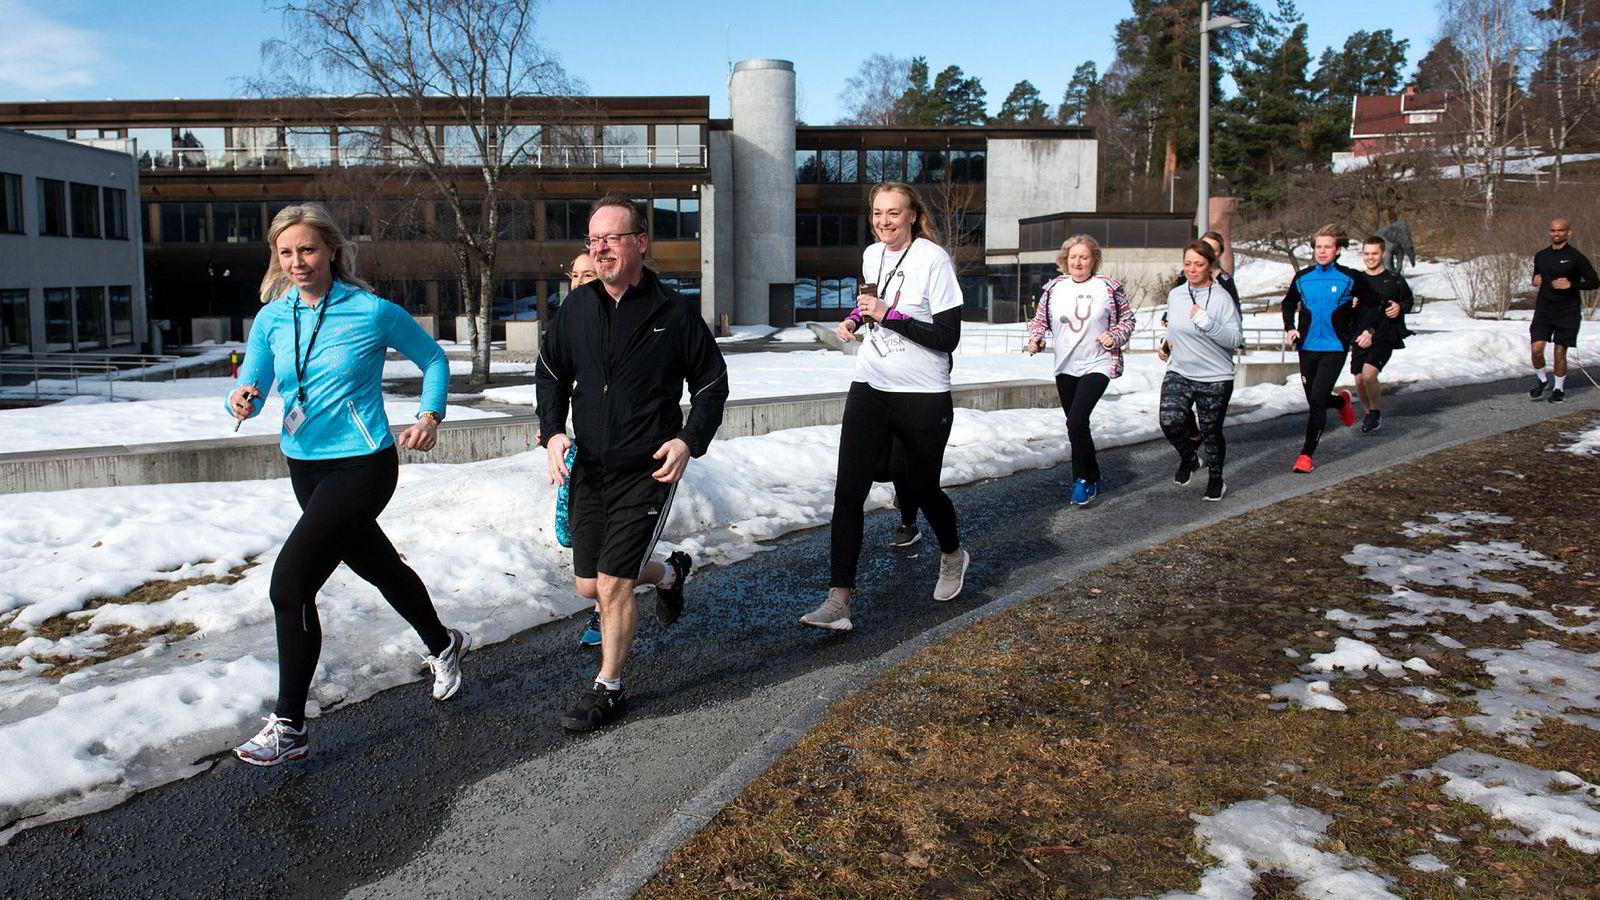 Emma Gulbrandsen (til venstre foran), leder for Blir Frisk-appen og Bjarke Thorøe (til høyre foran), direktør for Storebrand Helseforsikring er på løpetur med kolleger utenfor kontoret. Storebrand Helseforsikring tilbyr en norskutviklet app til kunder som vil trene seg til et sterkere hjerte. Appen har også blitt veldig populær internt.